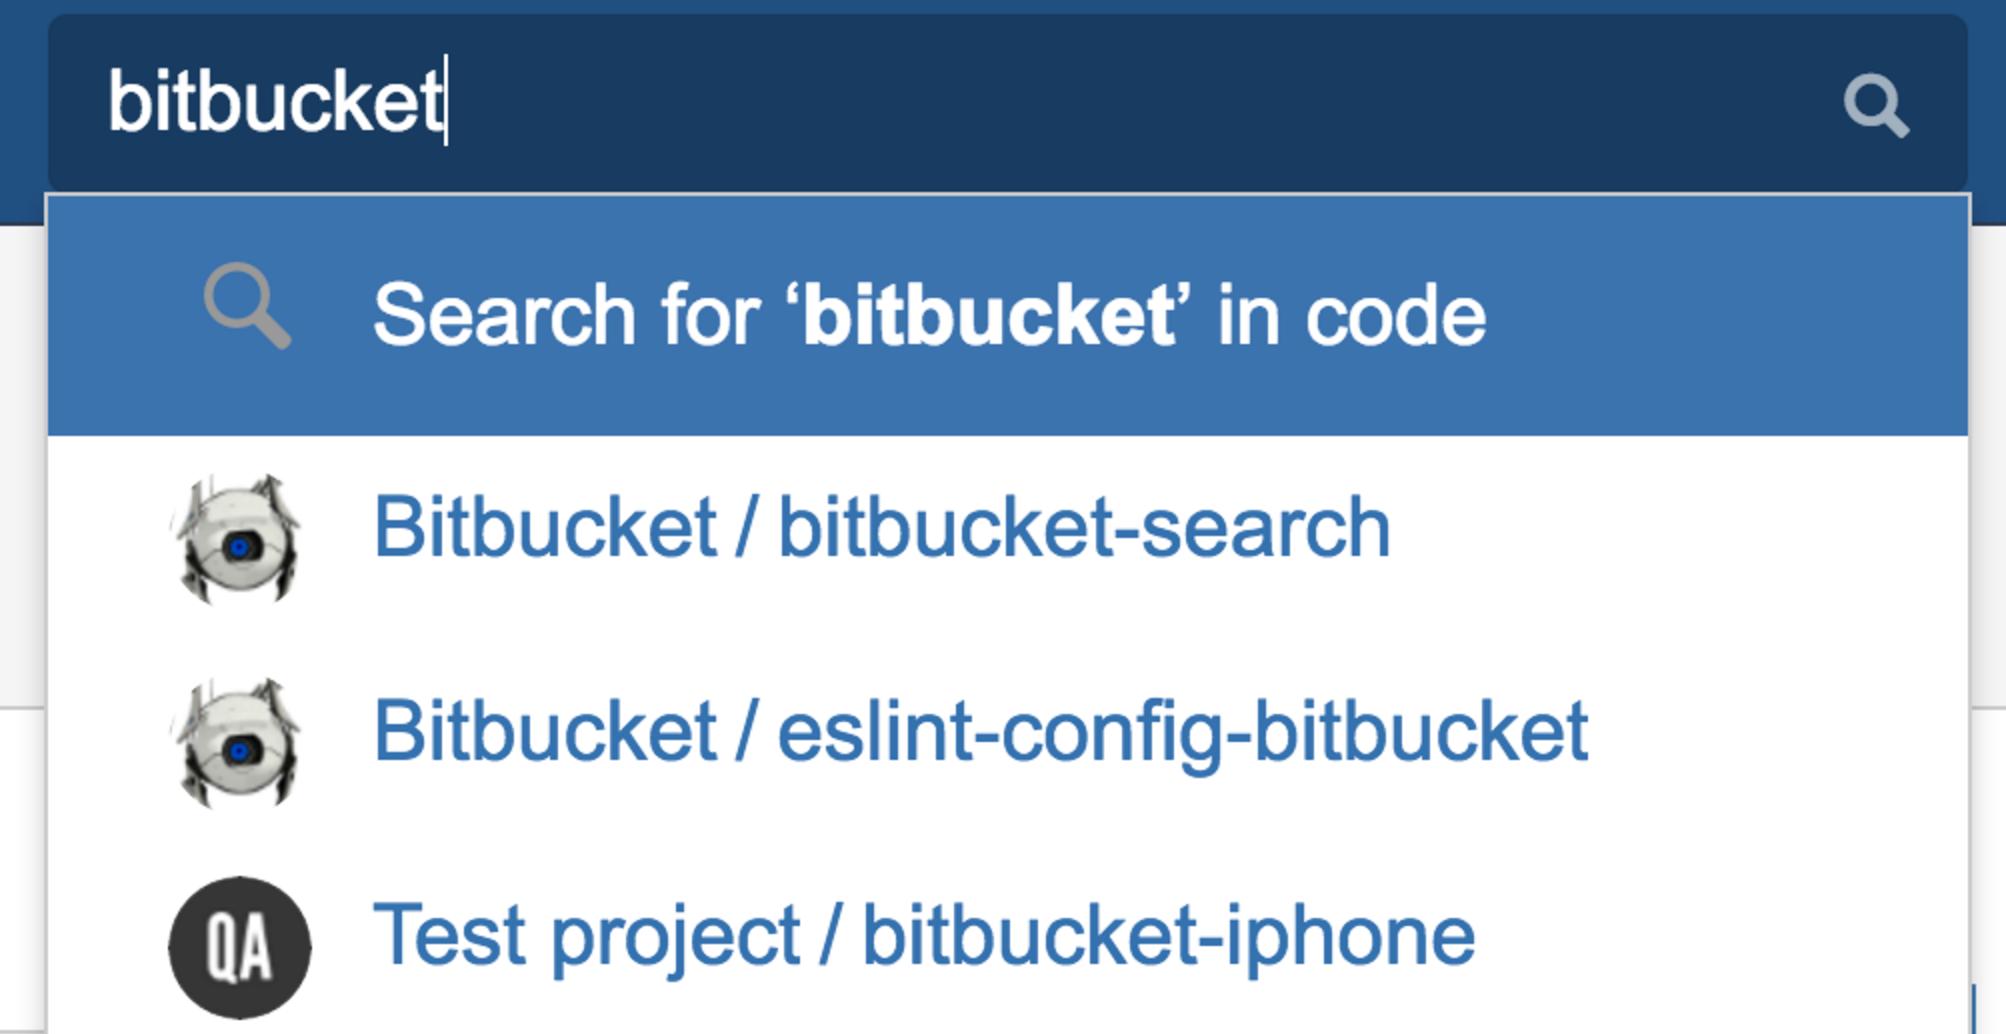 Bitbucket Code-Suche 1